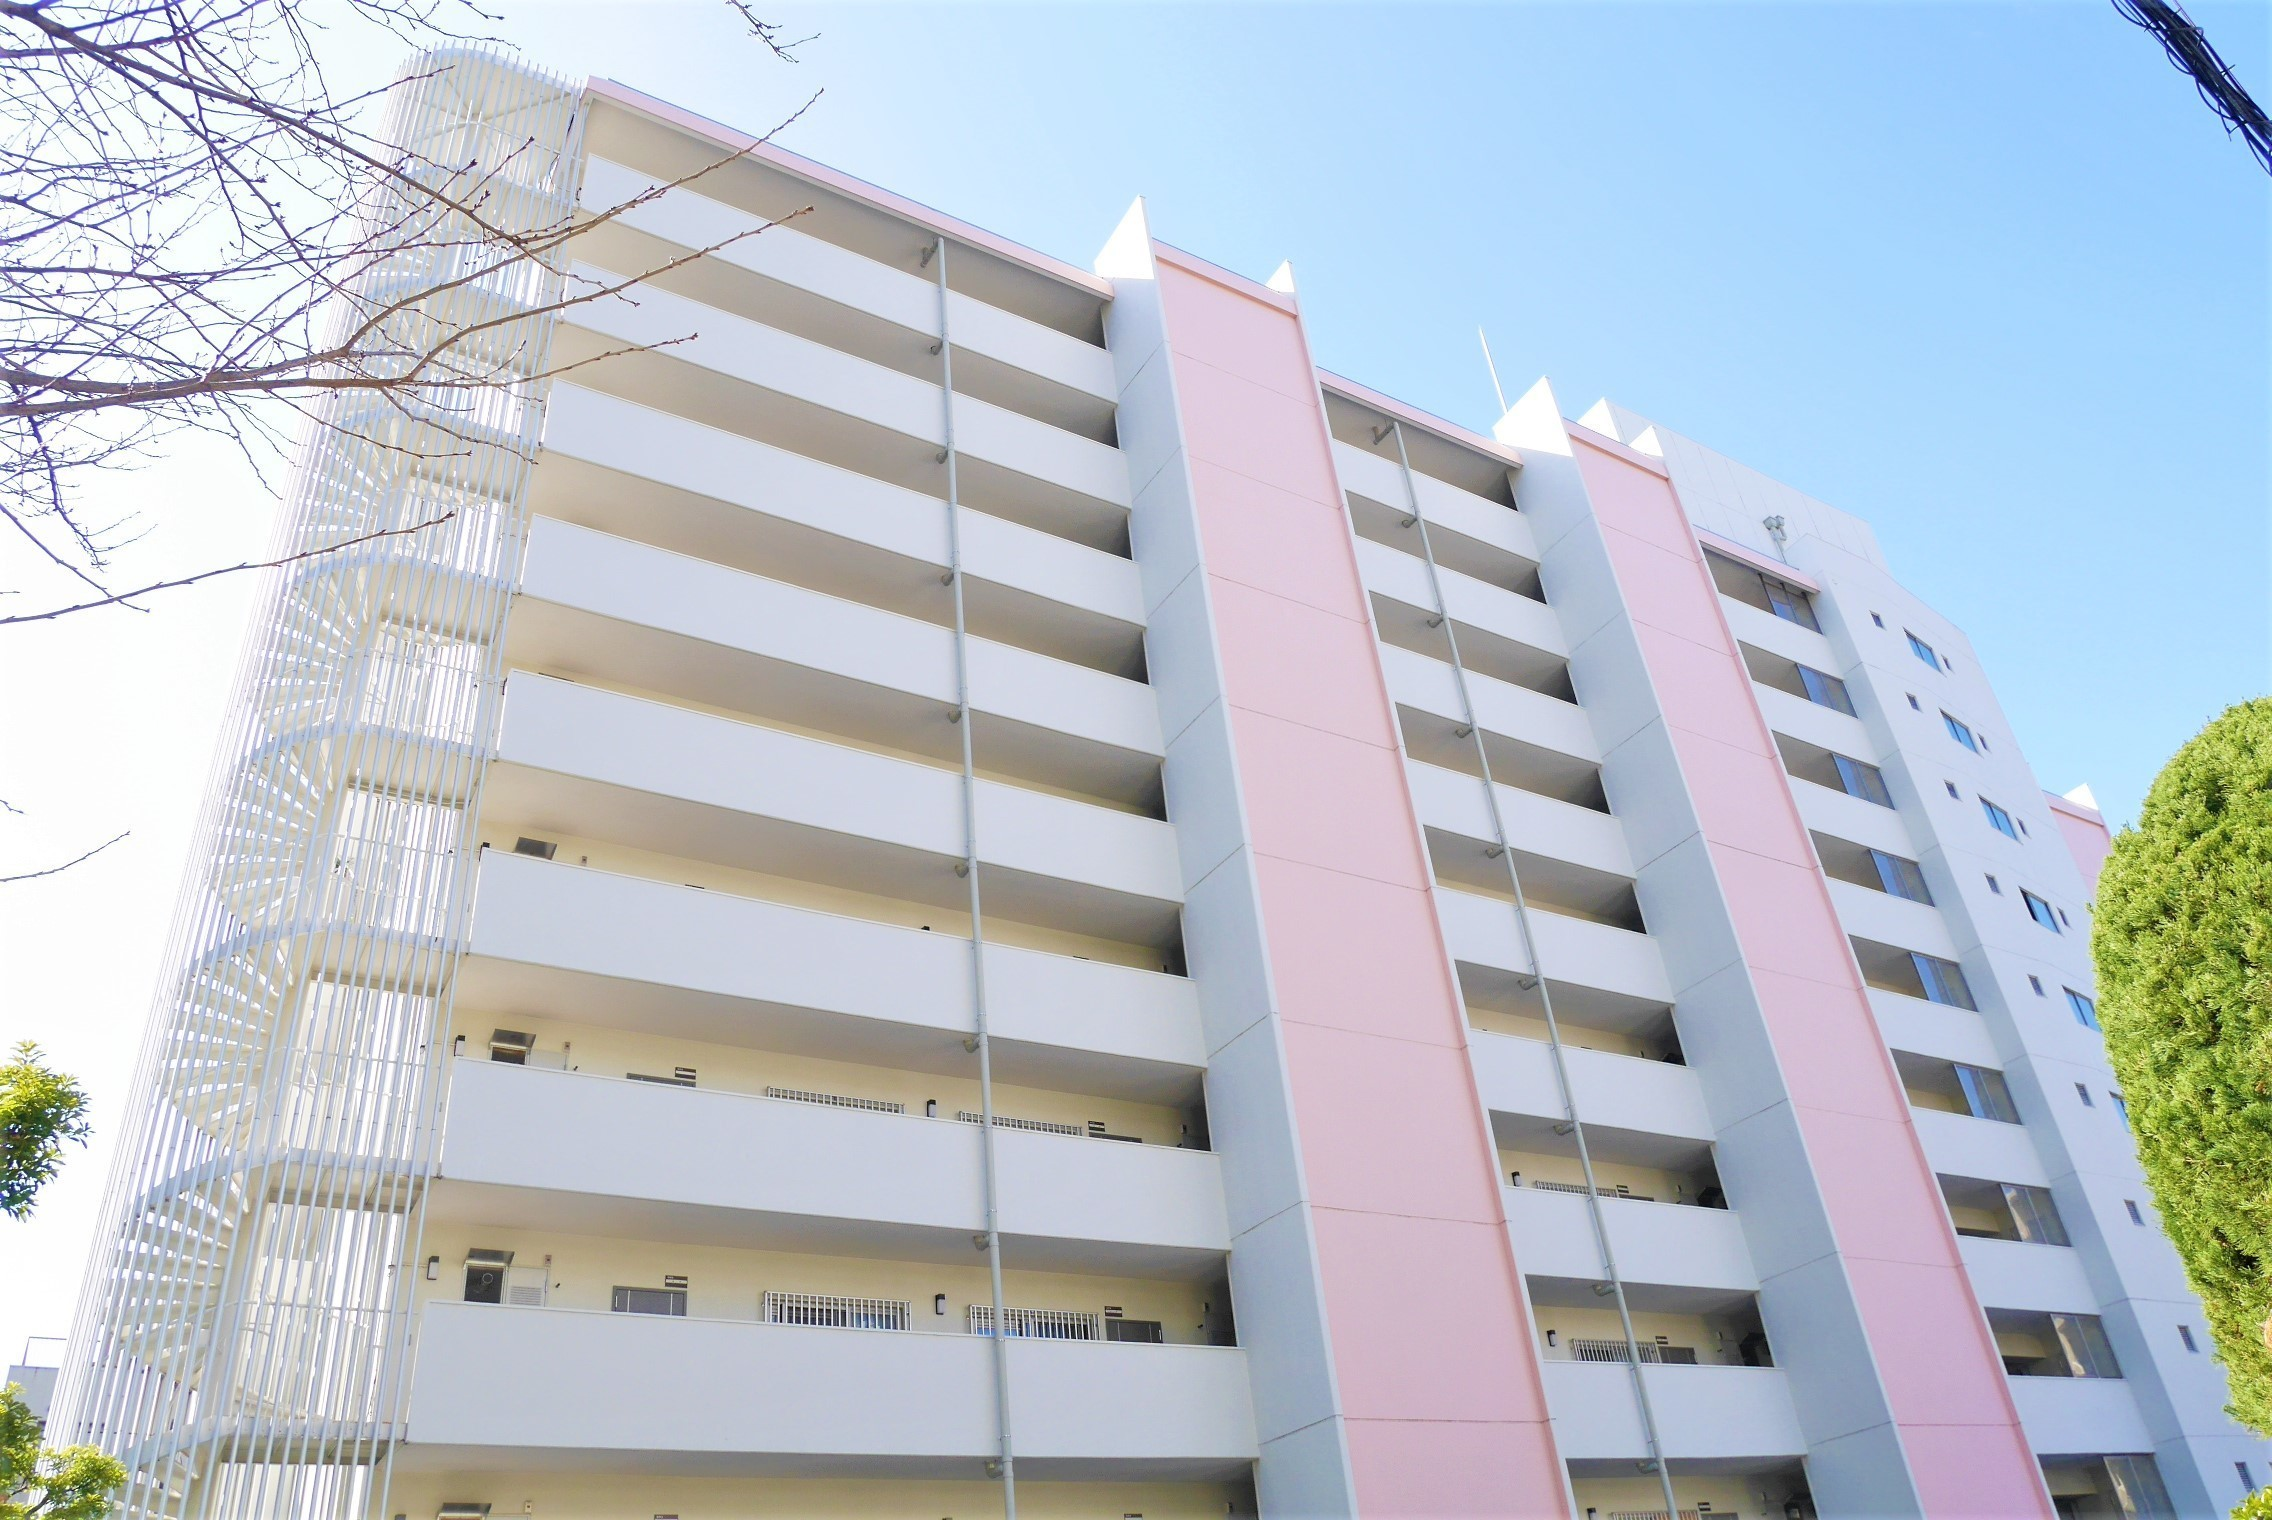 桜川グリ-ンコ-ポラス